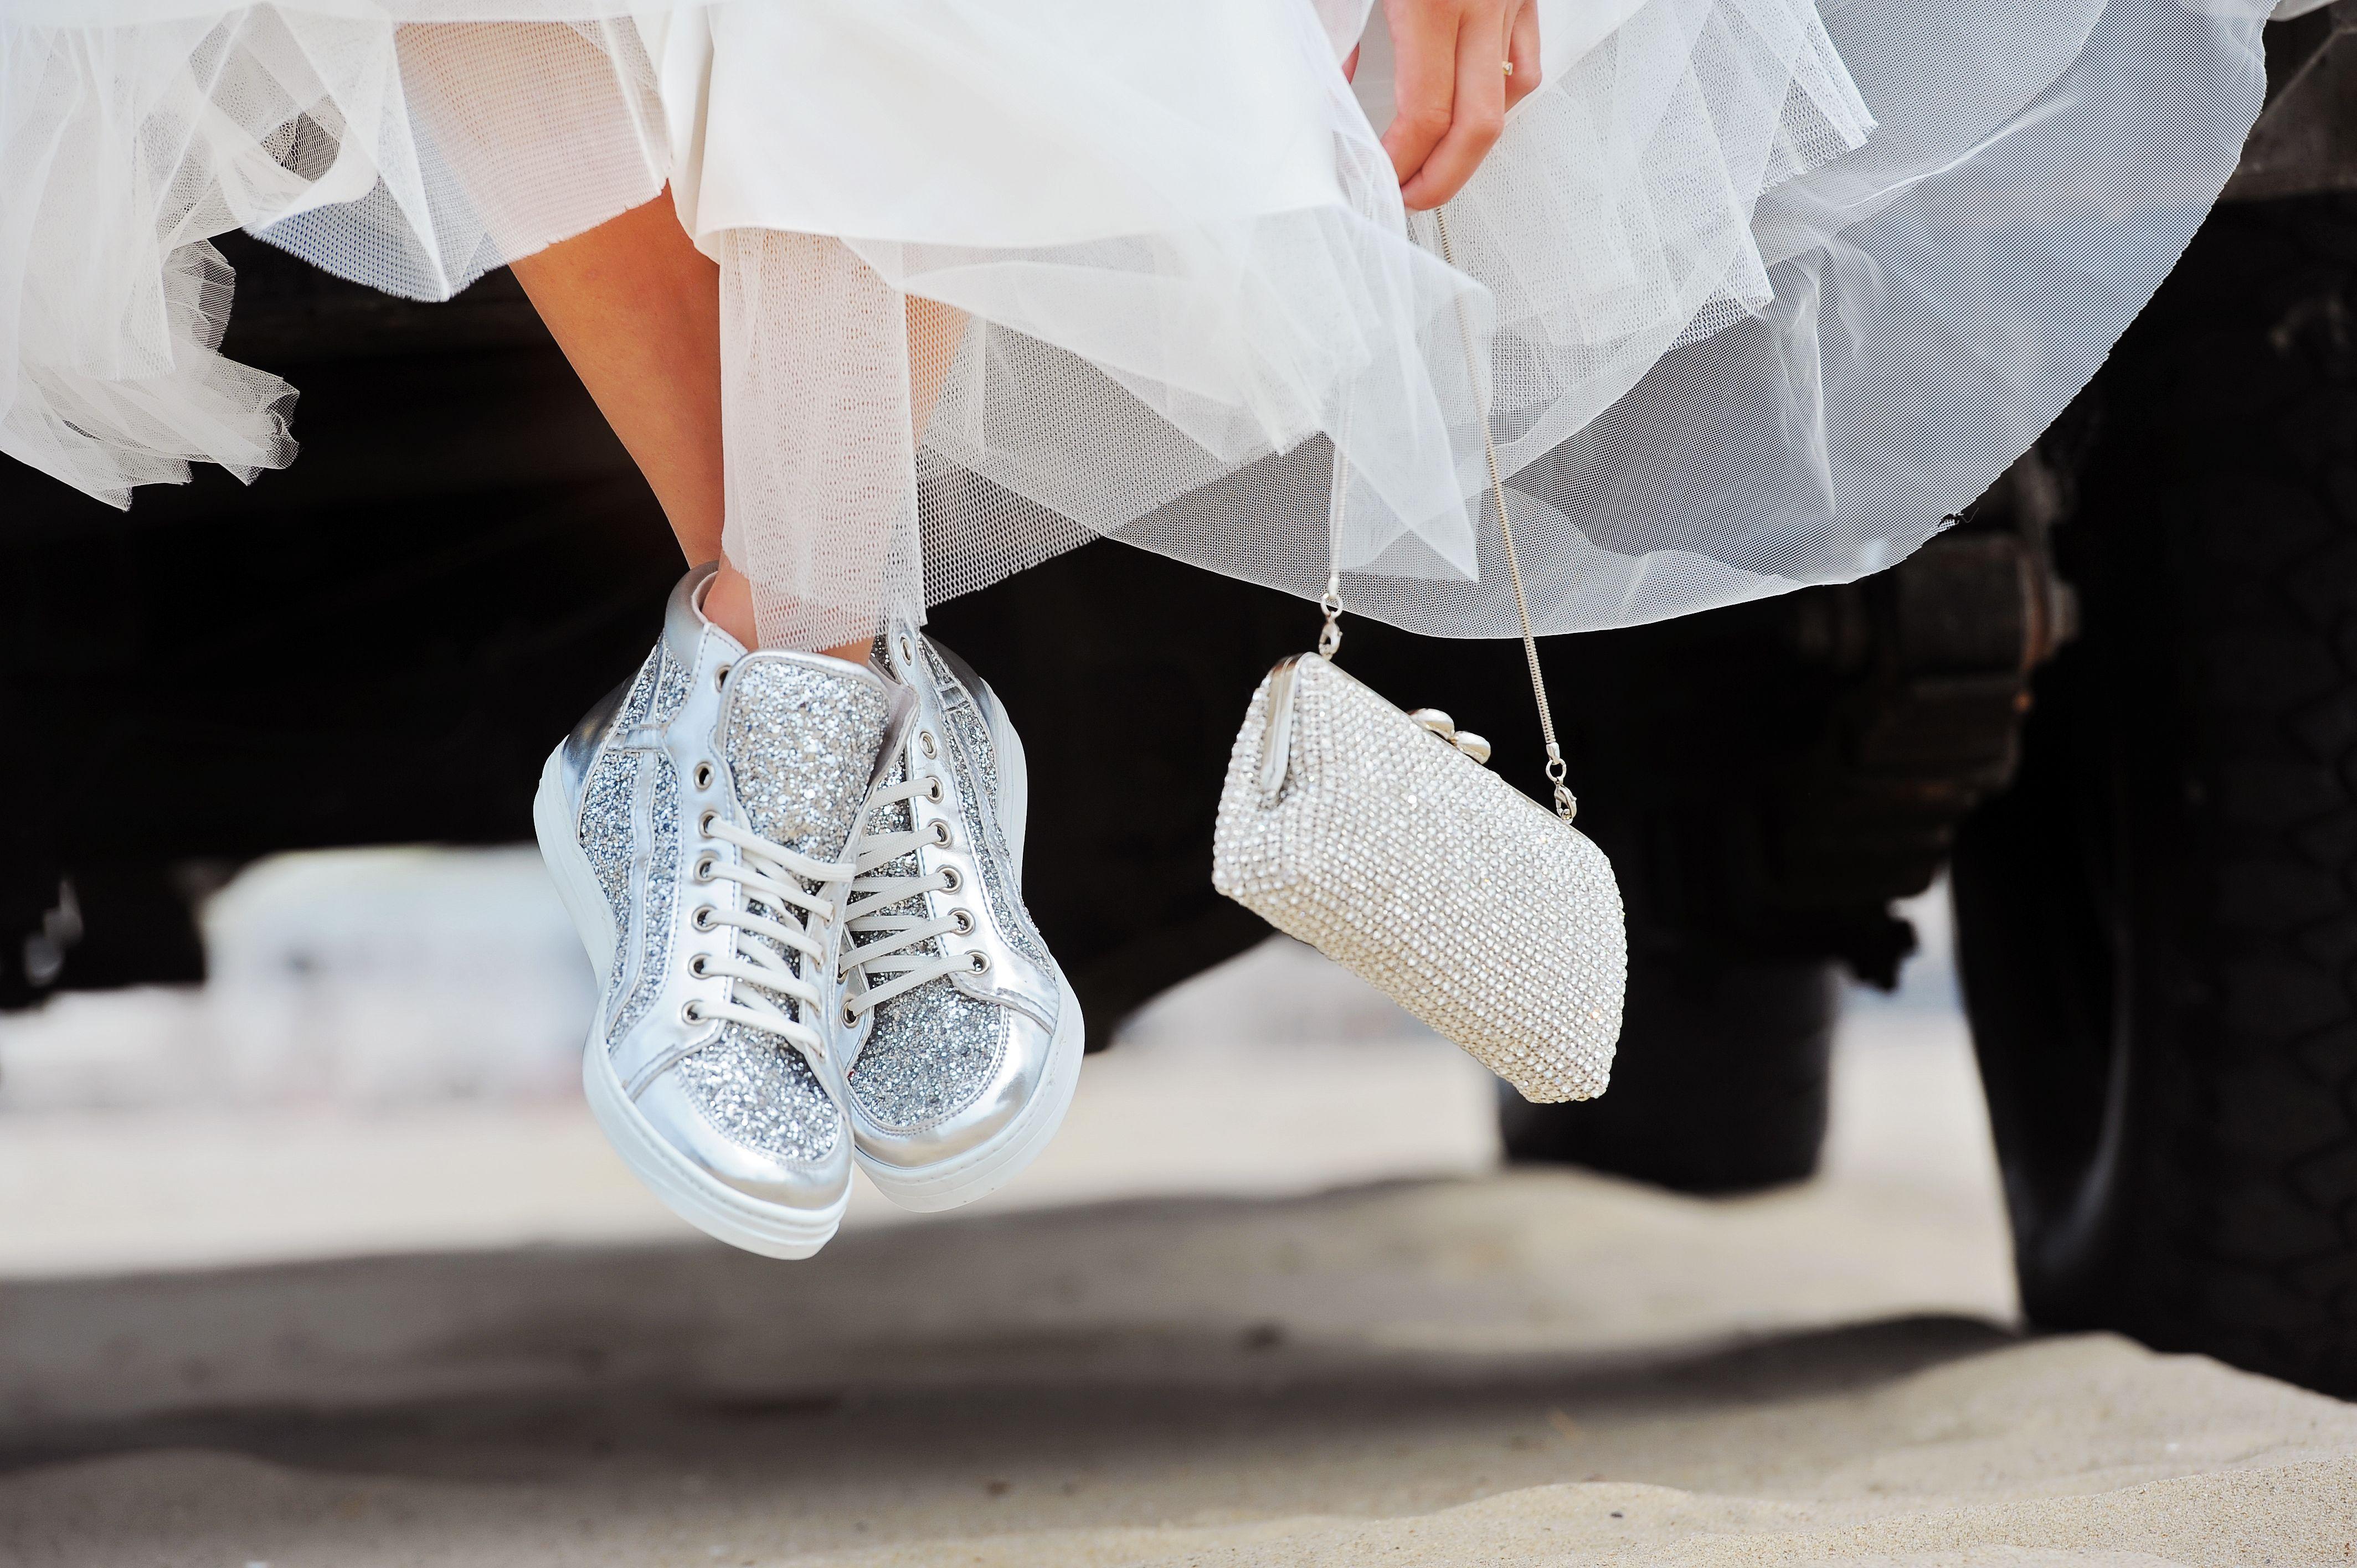 PUMPS PANNY AUS LACK | GUESS.eu | Hochzeitsschuhe